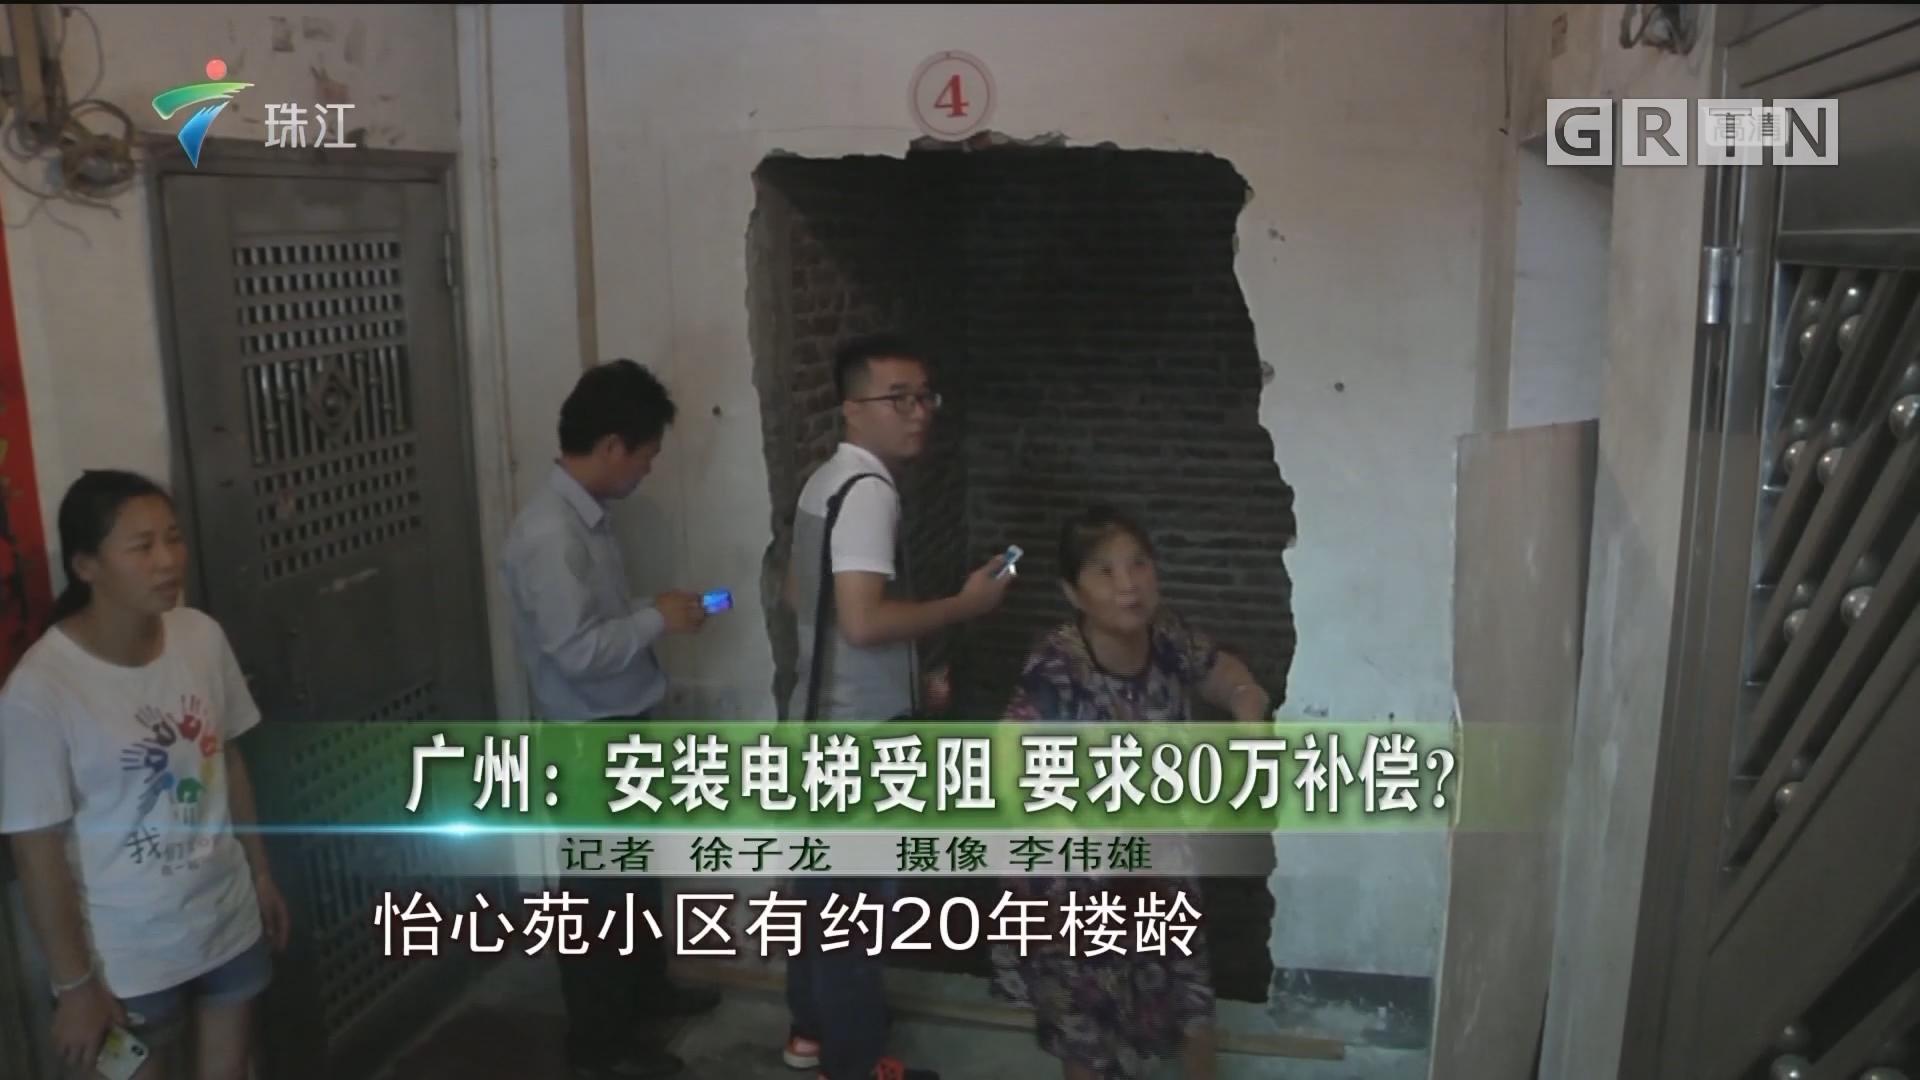 广州:安装电梯受阻 要求80万补偿?